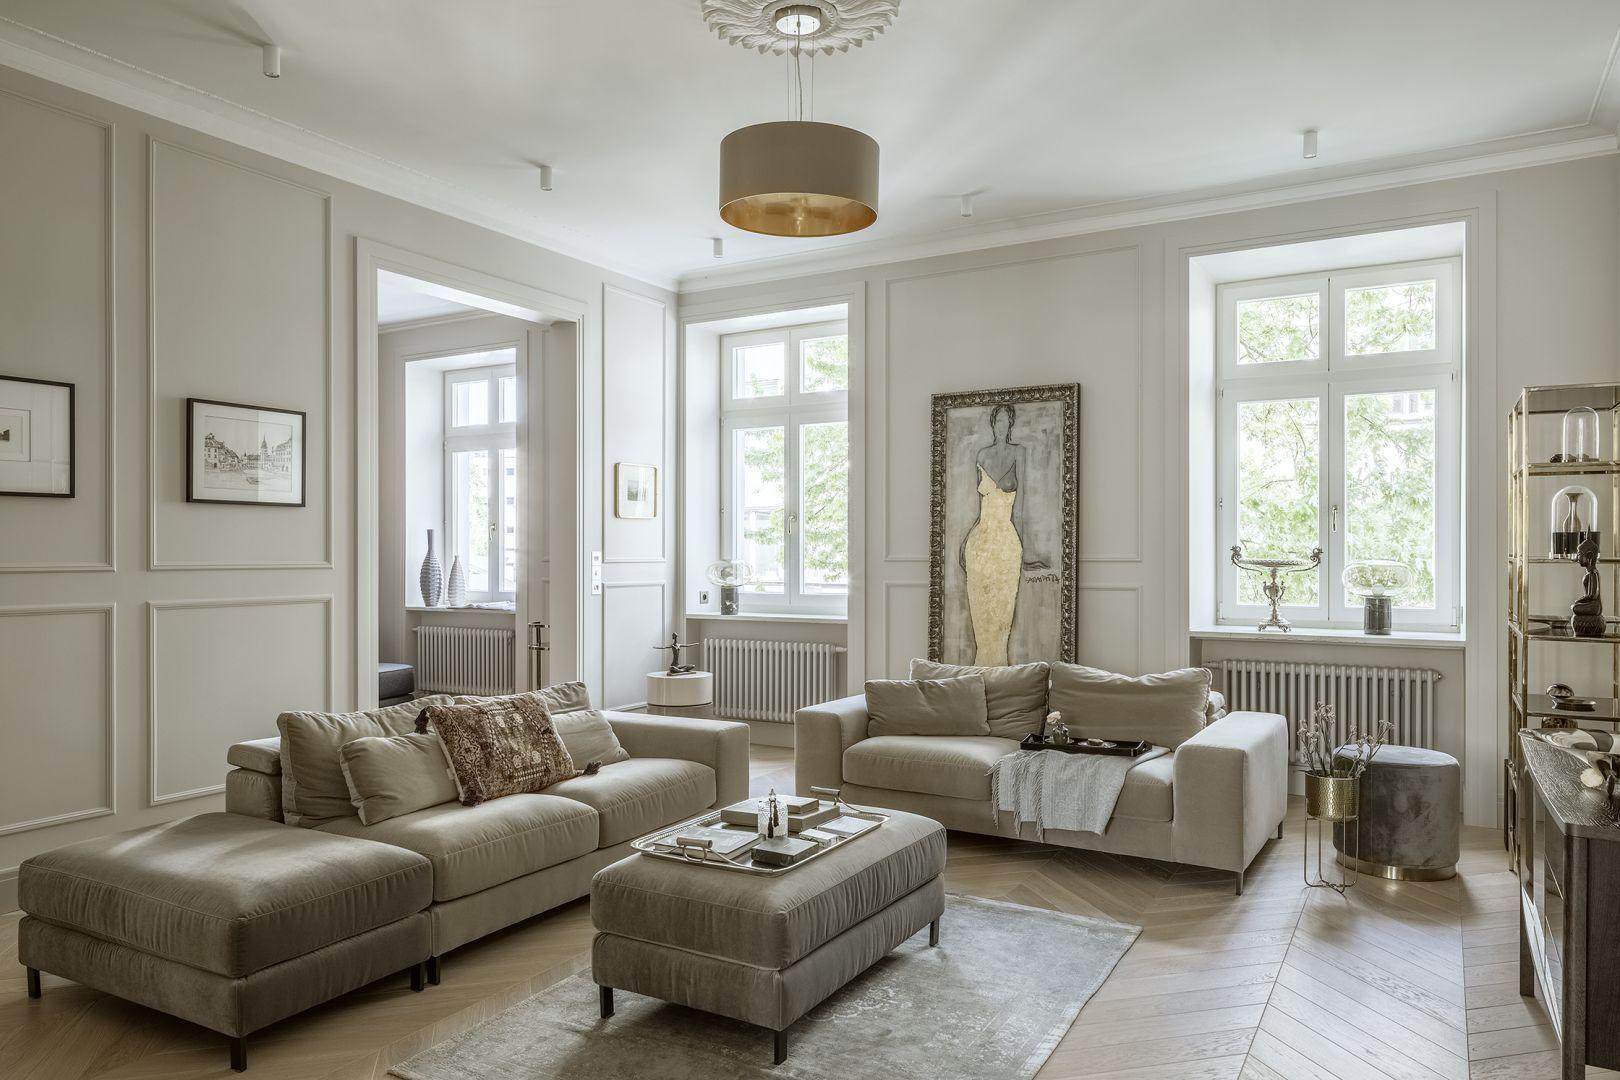 Salon urządzono elegancko i w jasnej palecie kolorów. Projekt: Monika i Adam Bronikowscy. Fot. Yassen Hristov. Stylizacja: Patrycja Rabińska